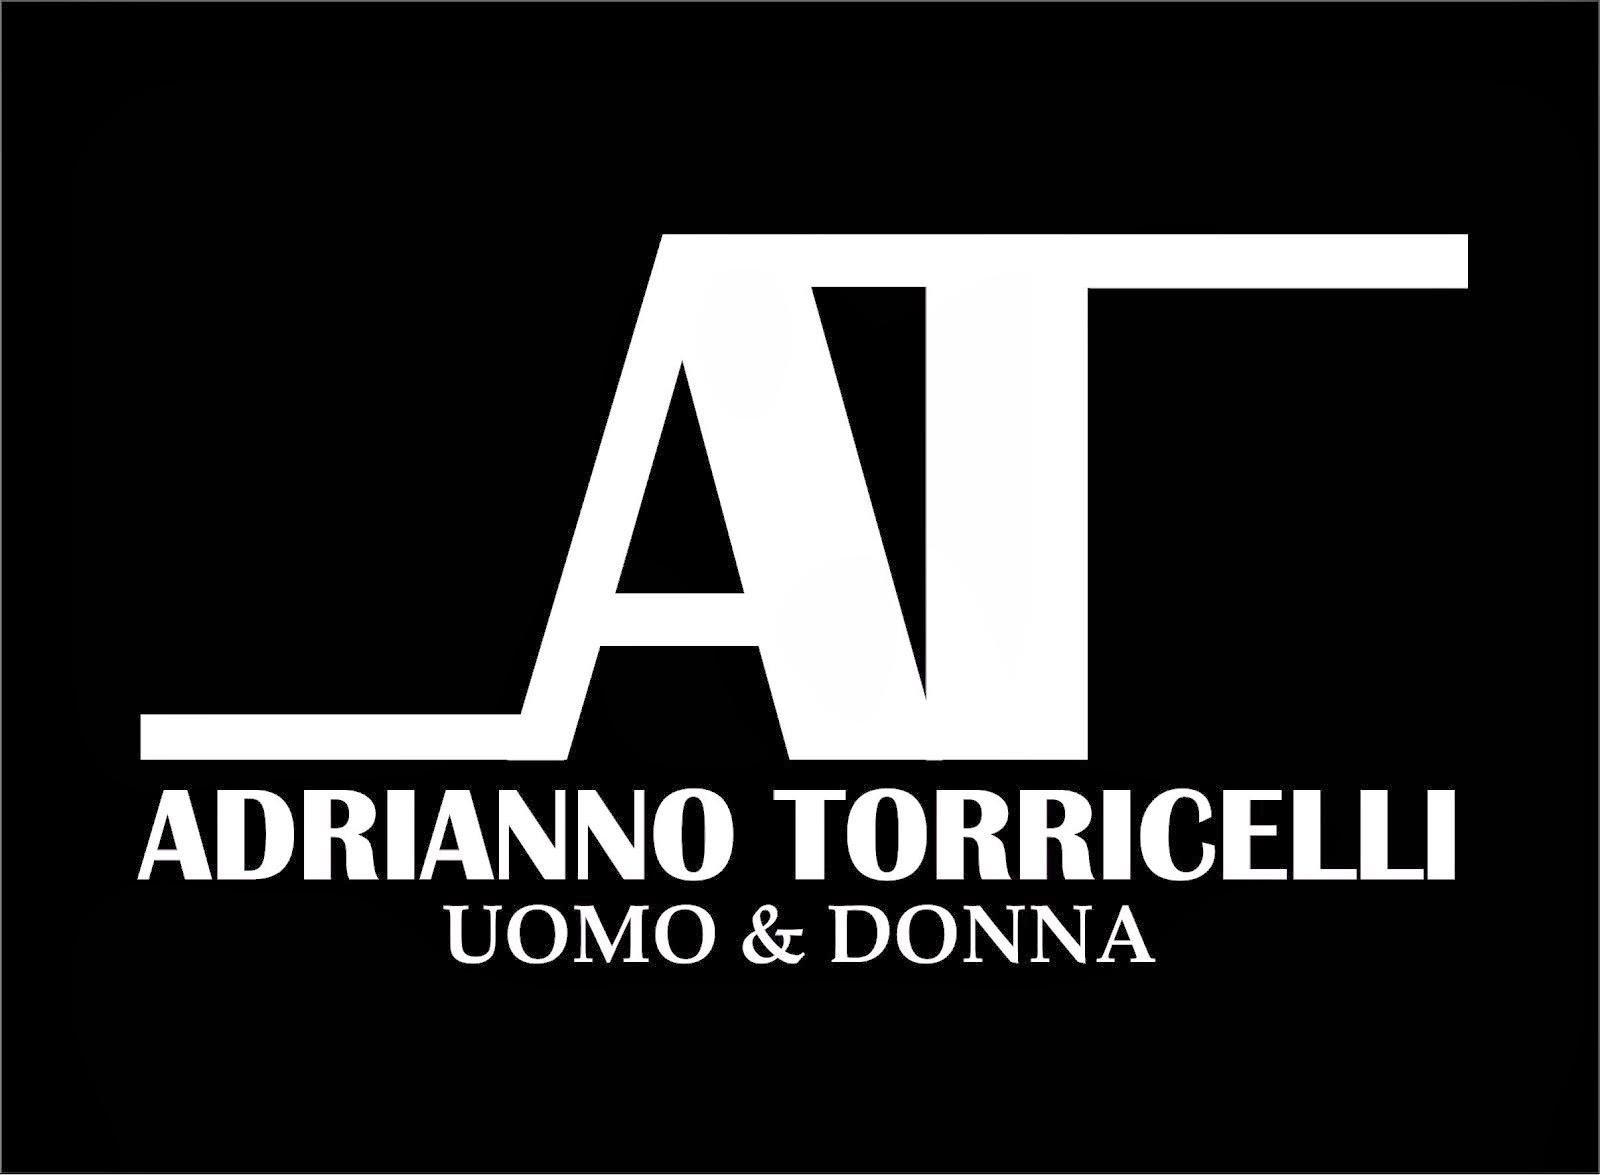 Adrianno Torricelli